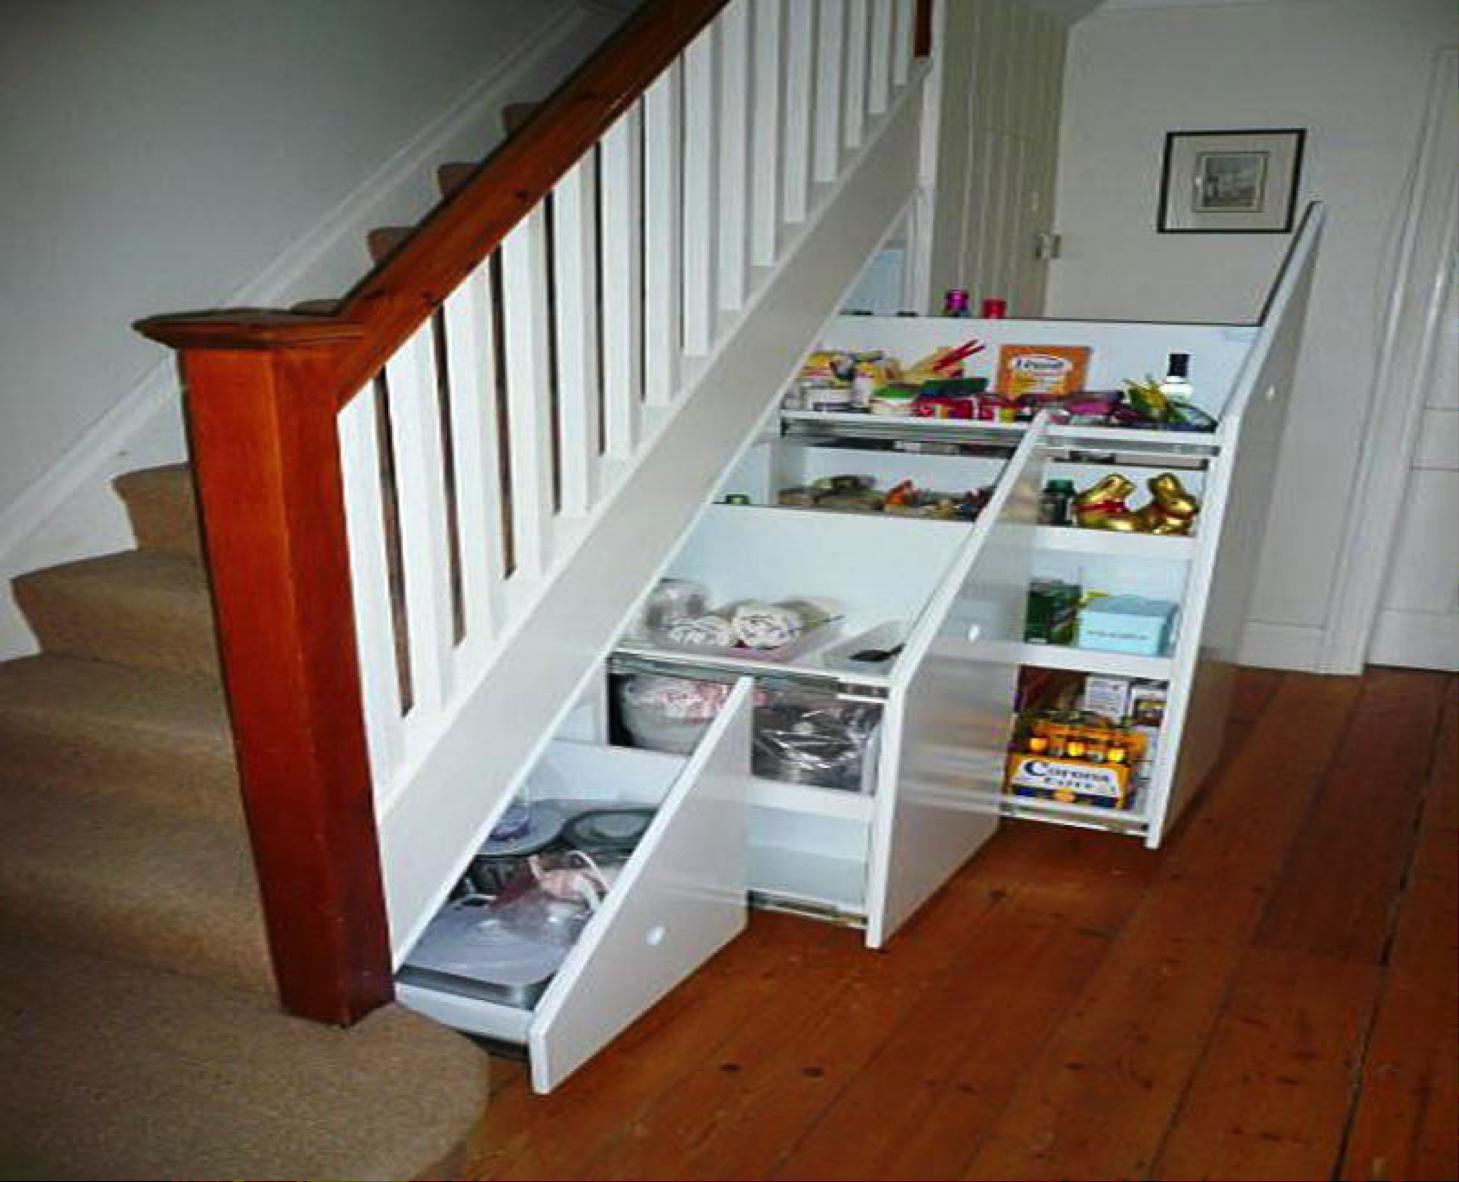 ¿Cómo aprovechar el espacio bajo la escalera? - The ...